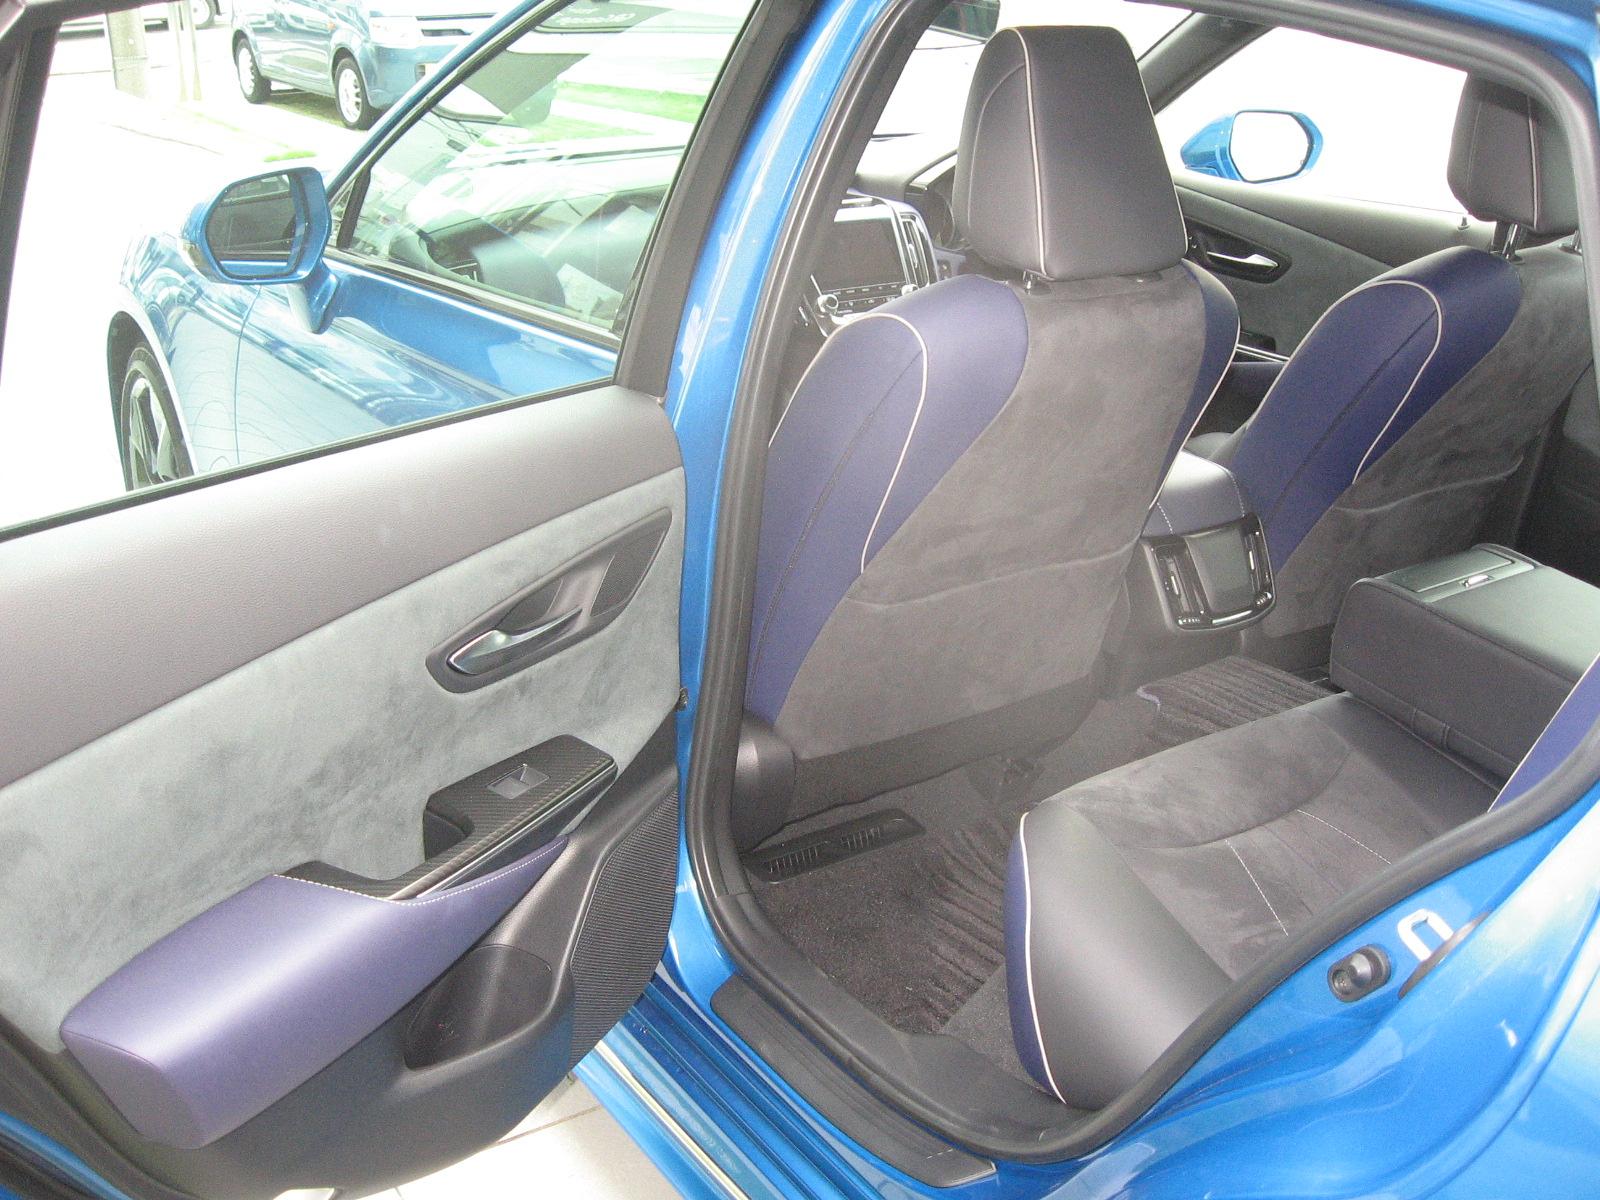 トヨタ・新型クラウンRS 内装 後席シート